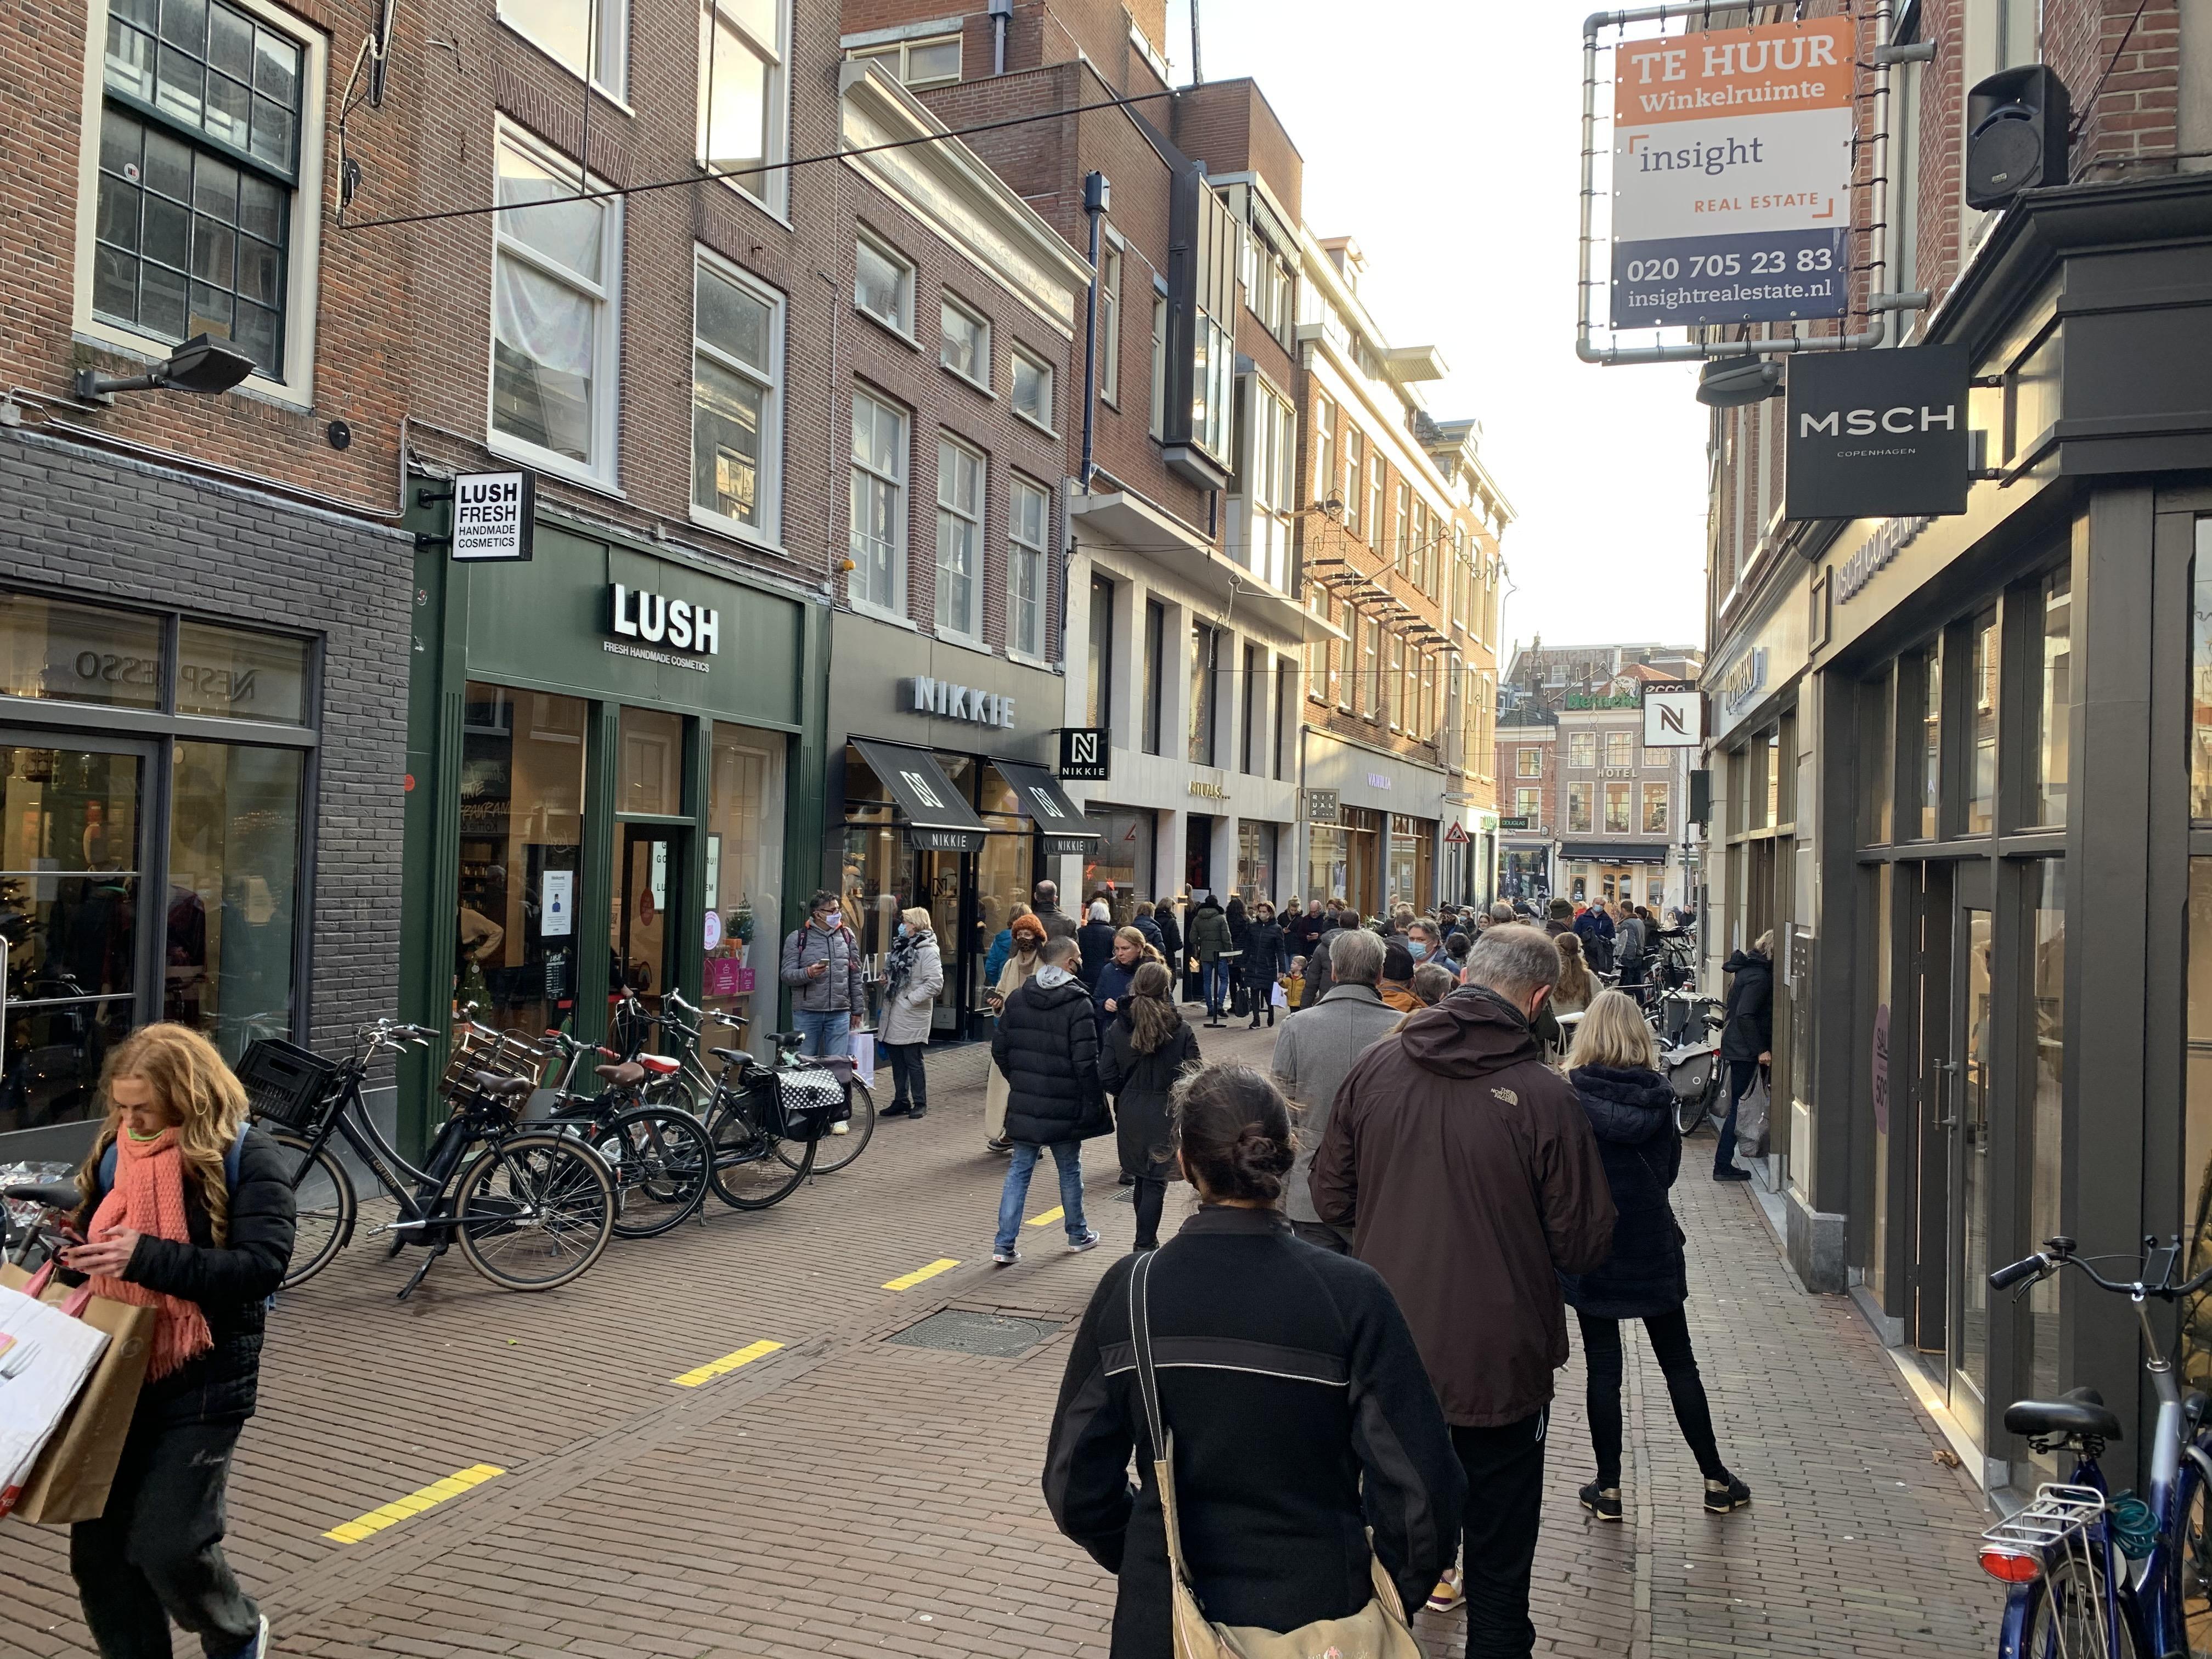 Rijen voor de winkels in Haarlem: 'Ik sta hier met een dubbel gevoel'